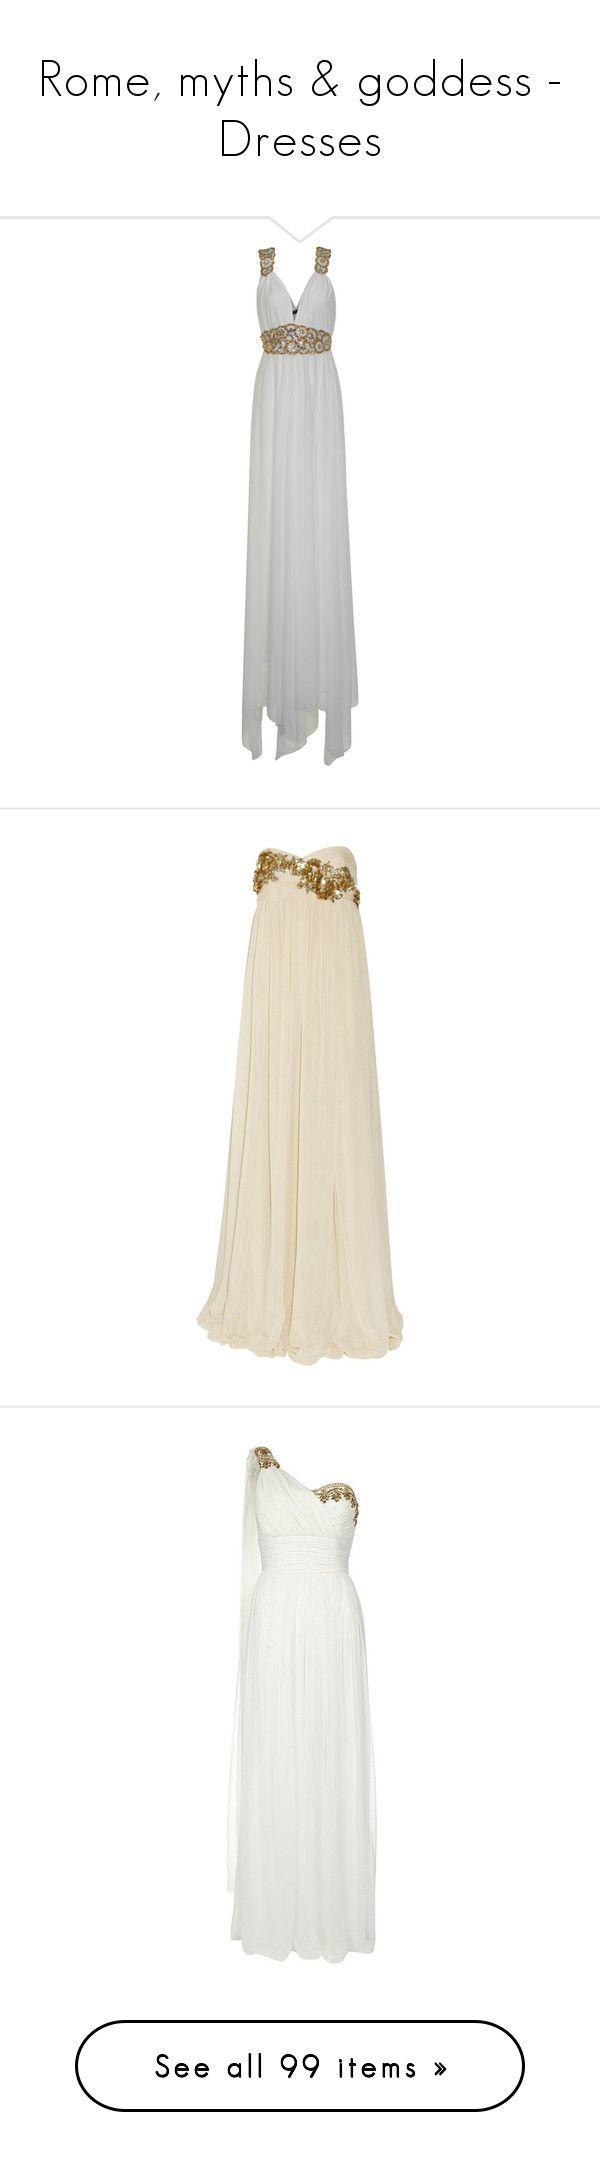 Rome myths u goddess dresses